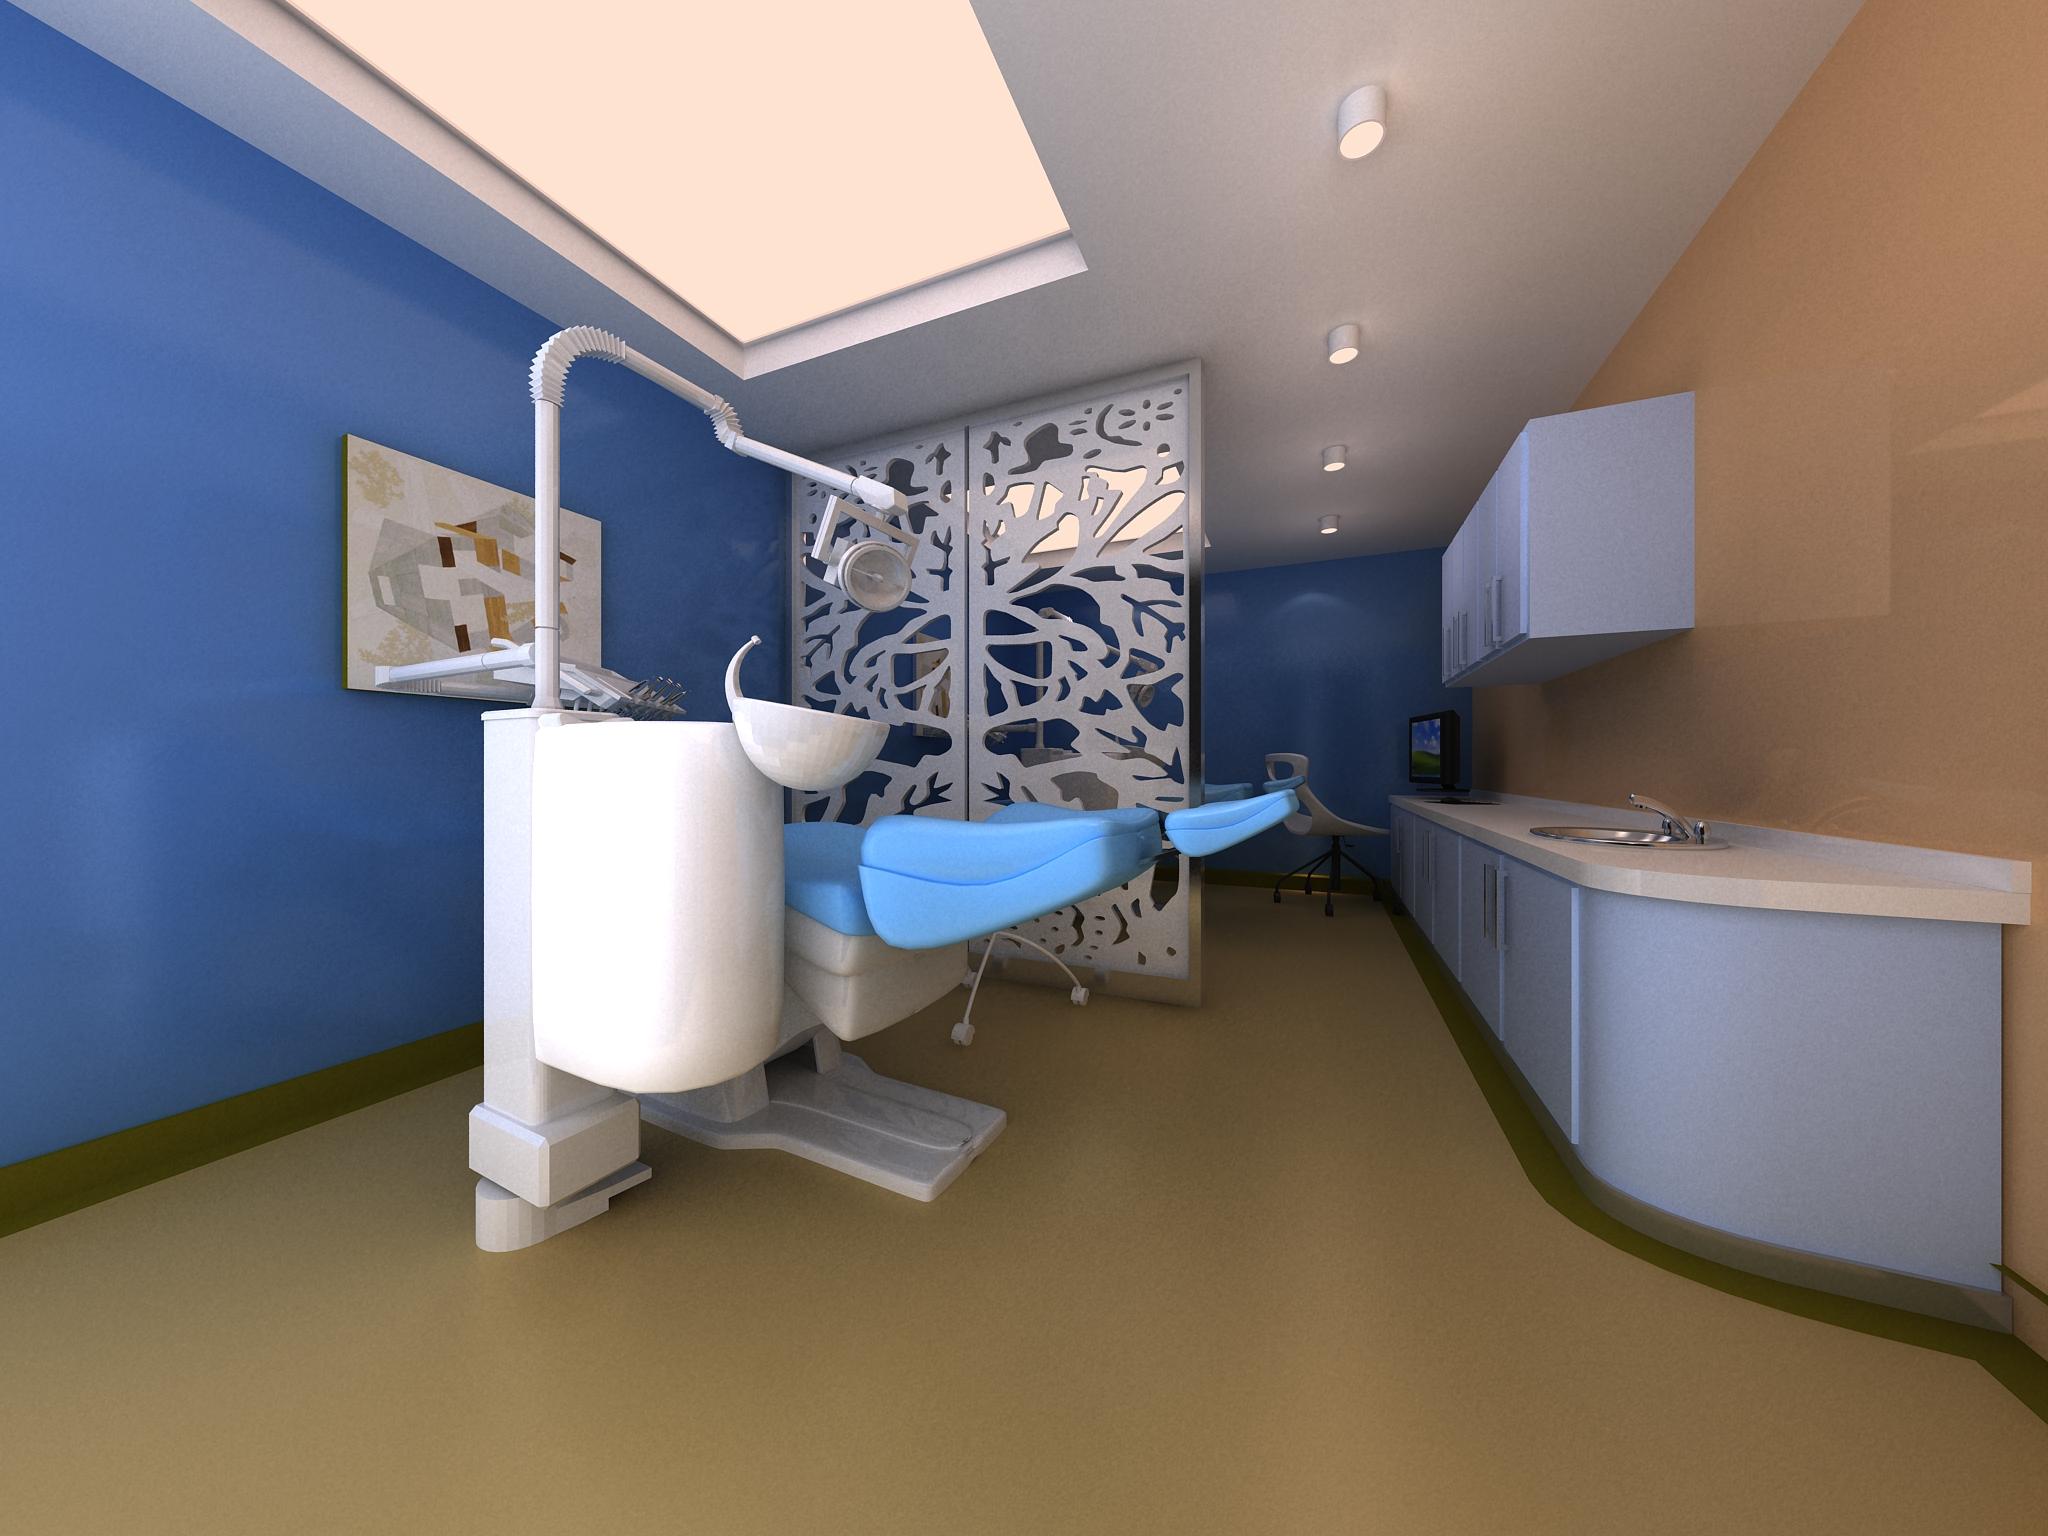 《力反馈虚拟智齿拔除手术训练系统》